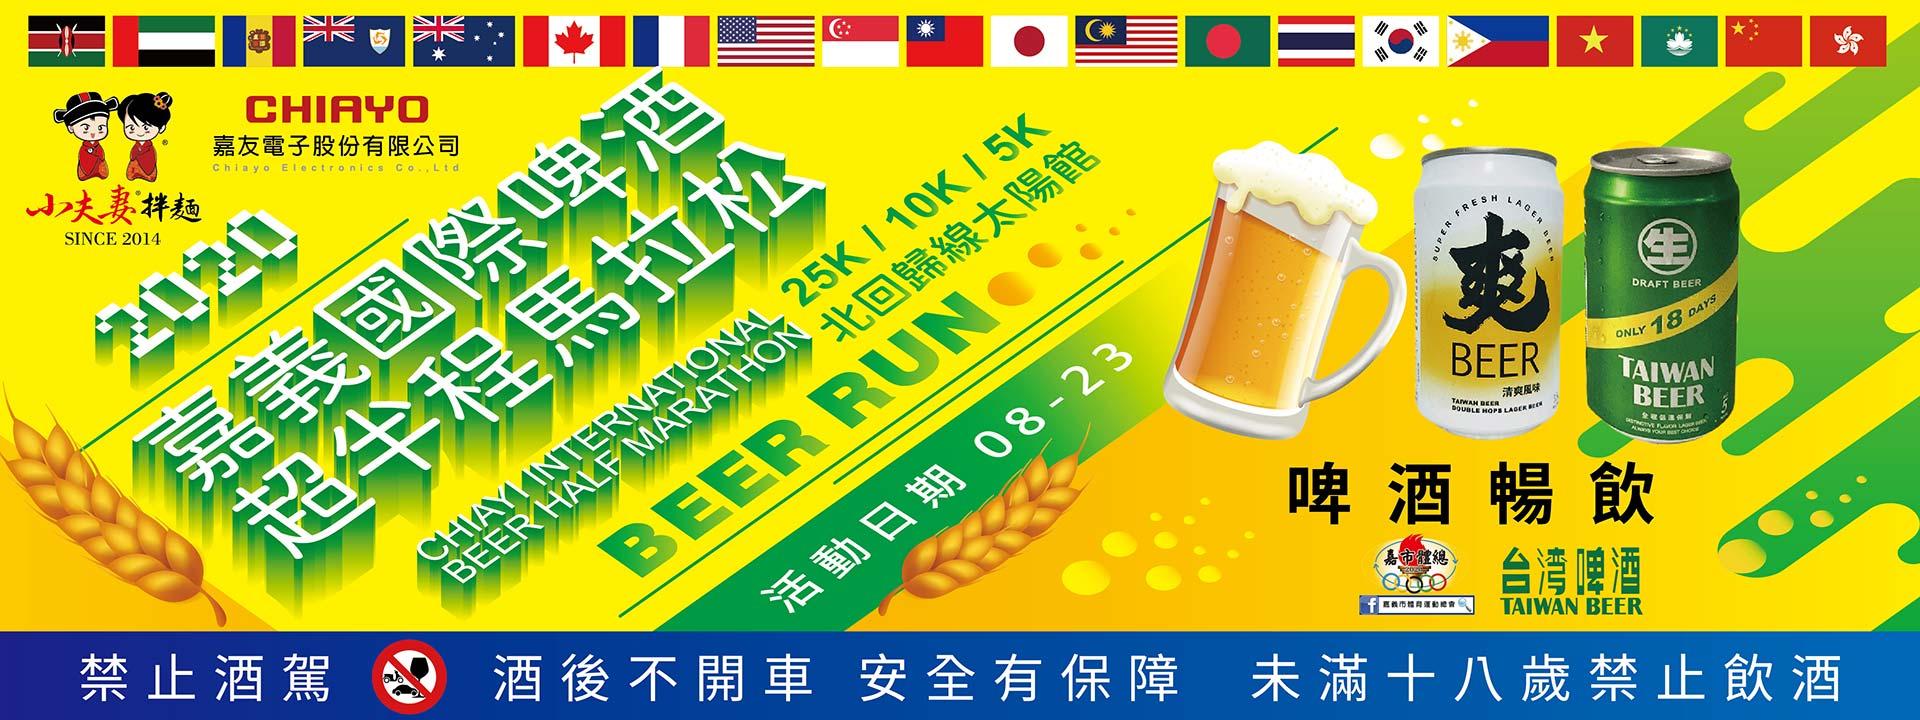 2020 嘉義國際啤酒超半程馬拉松-追向F16V戰機